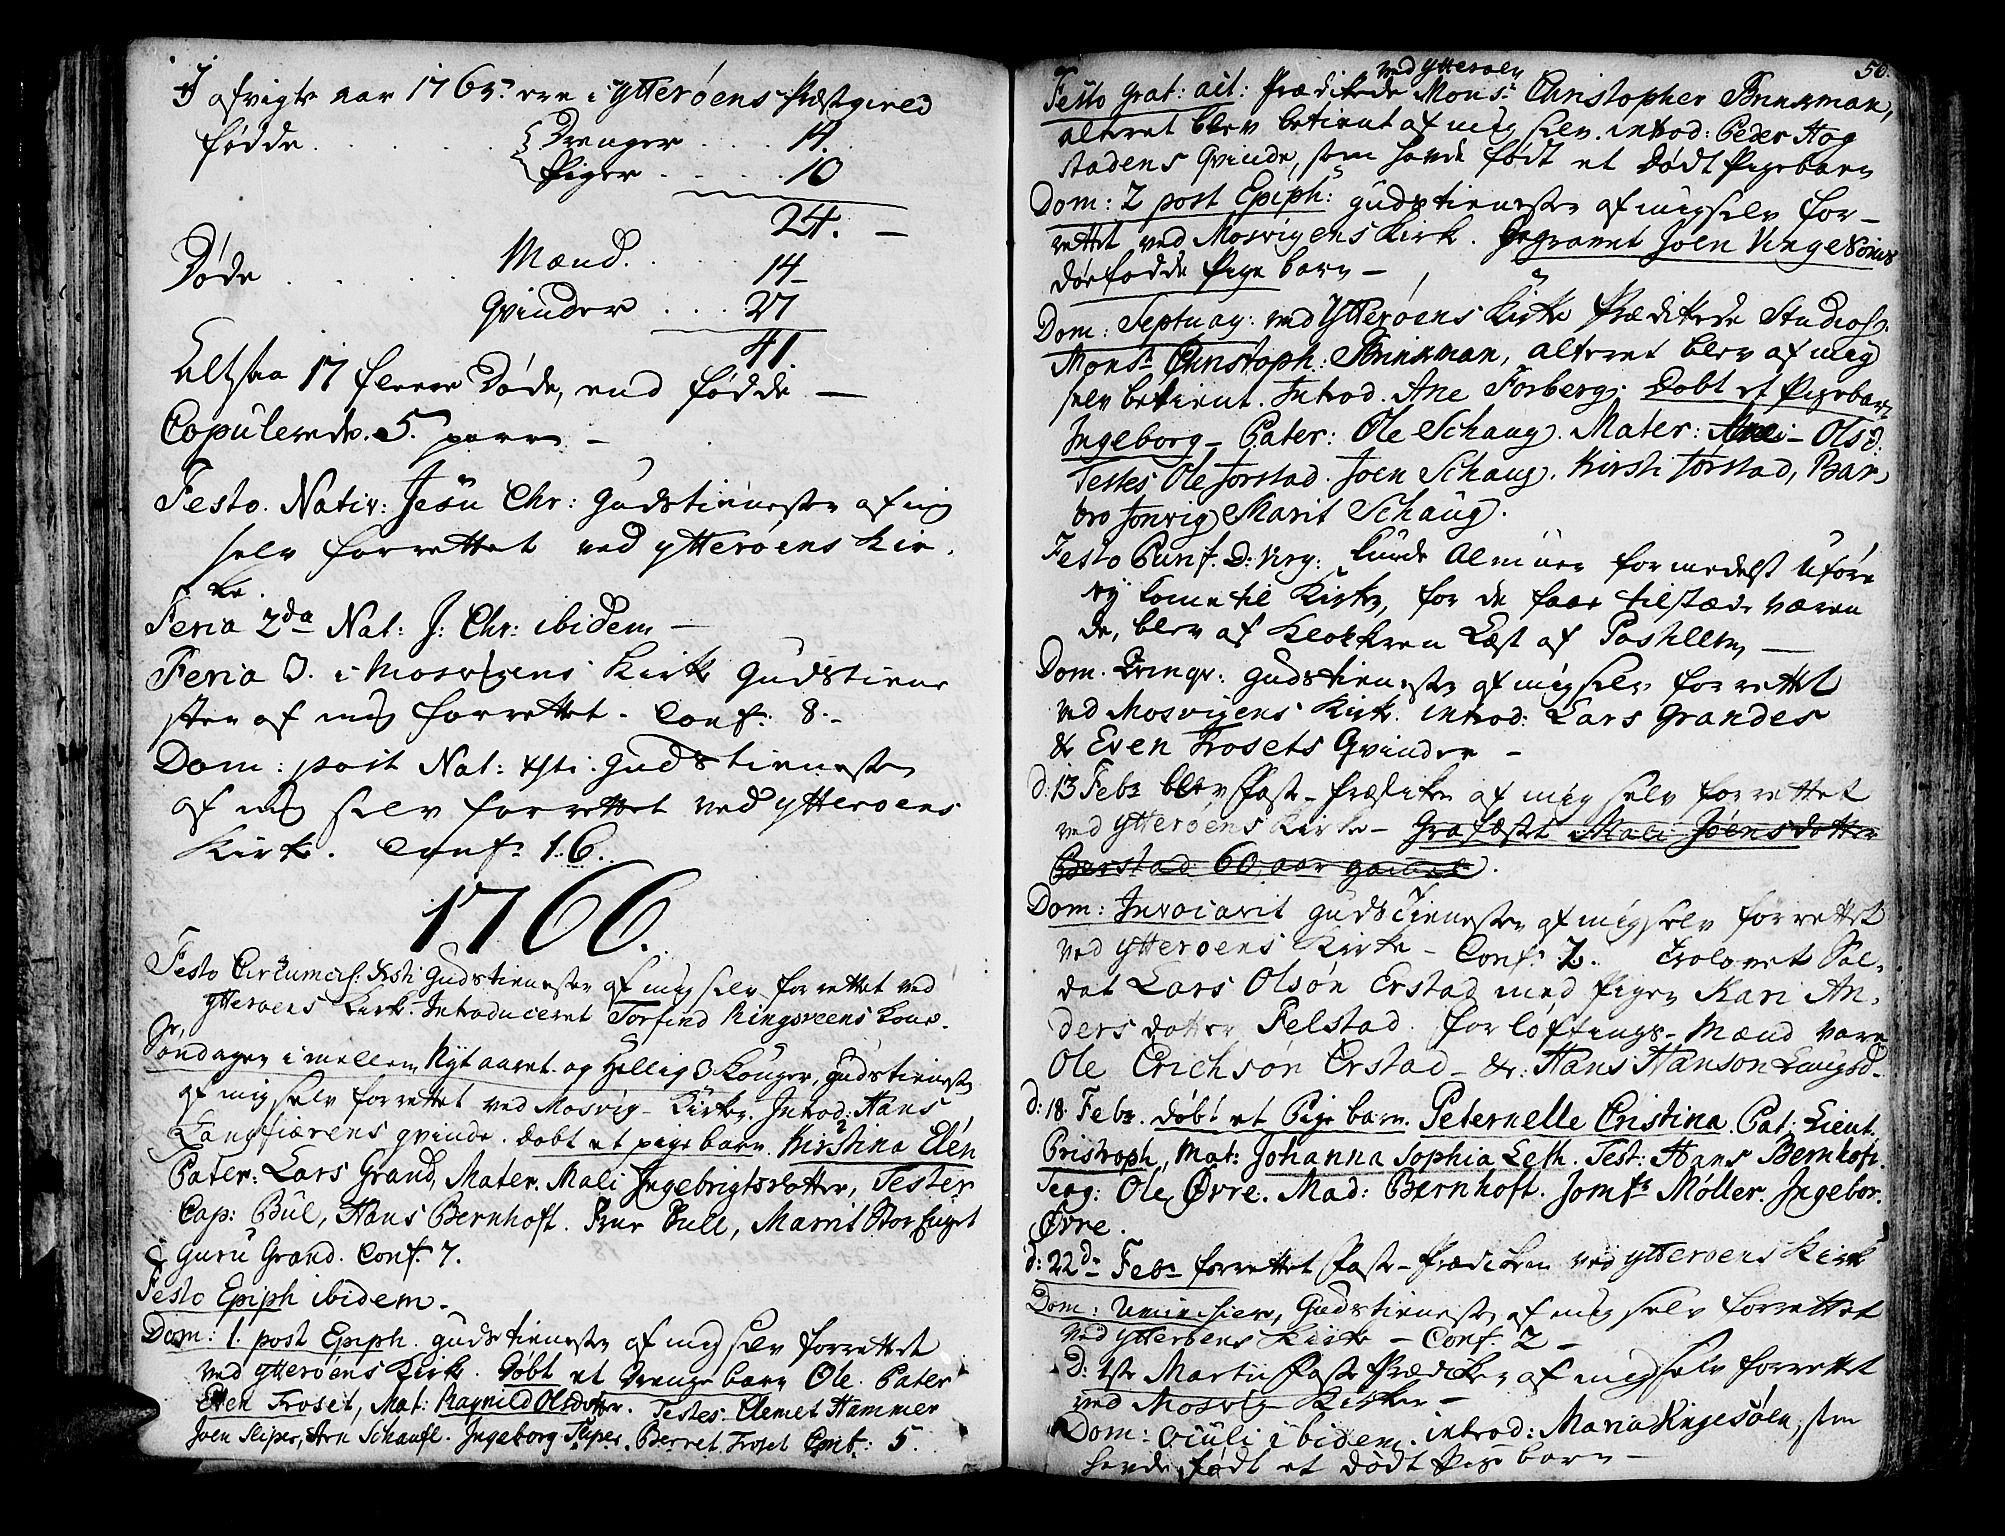 SAT, Ministerialprotokoller, klokkerbøker og fødselsregistre - Nord-Trøndelag, 722/L0216: Ministerialbok nr. 722A03, 1756-1816, s. 50